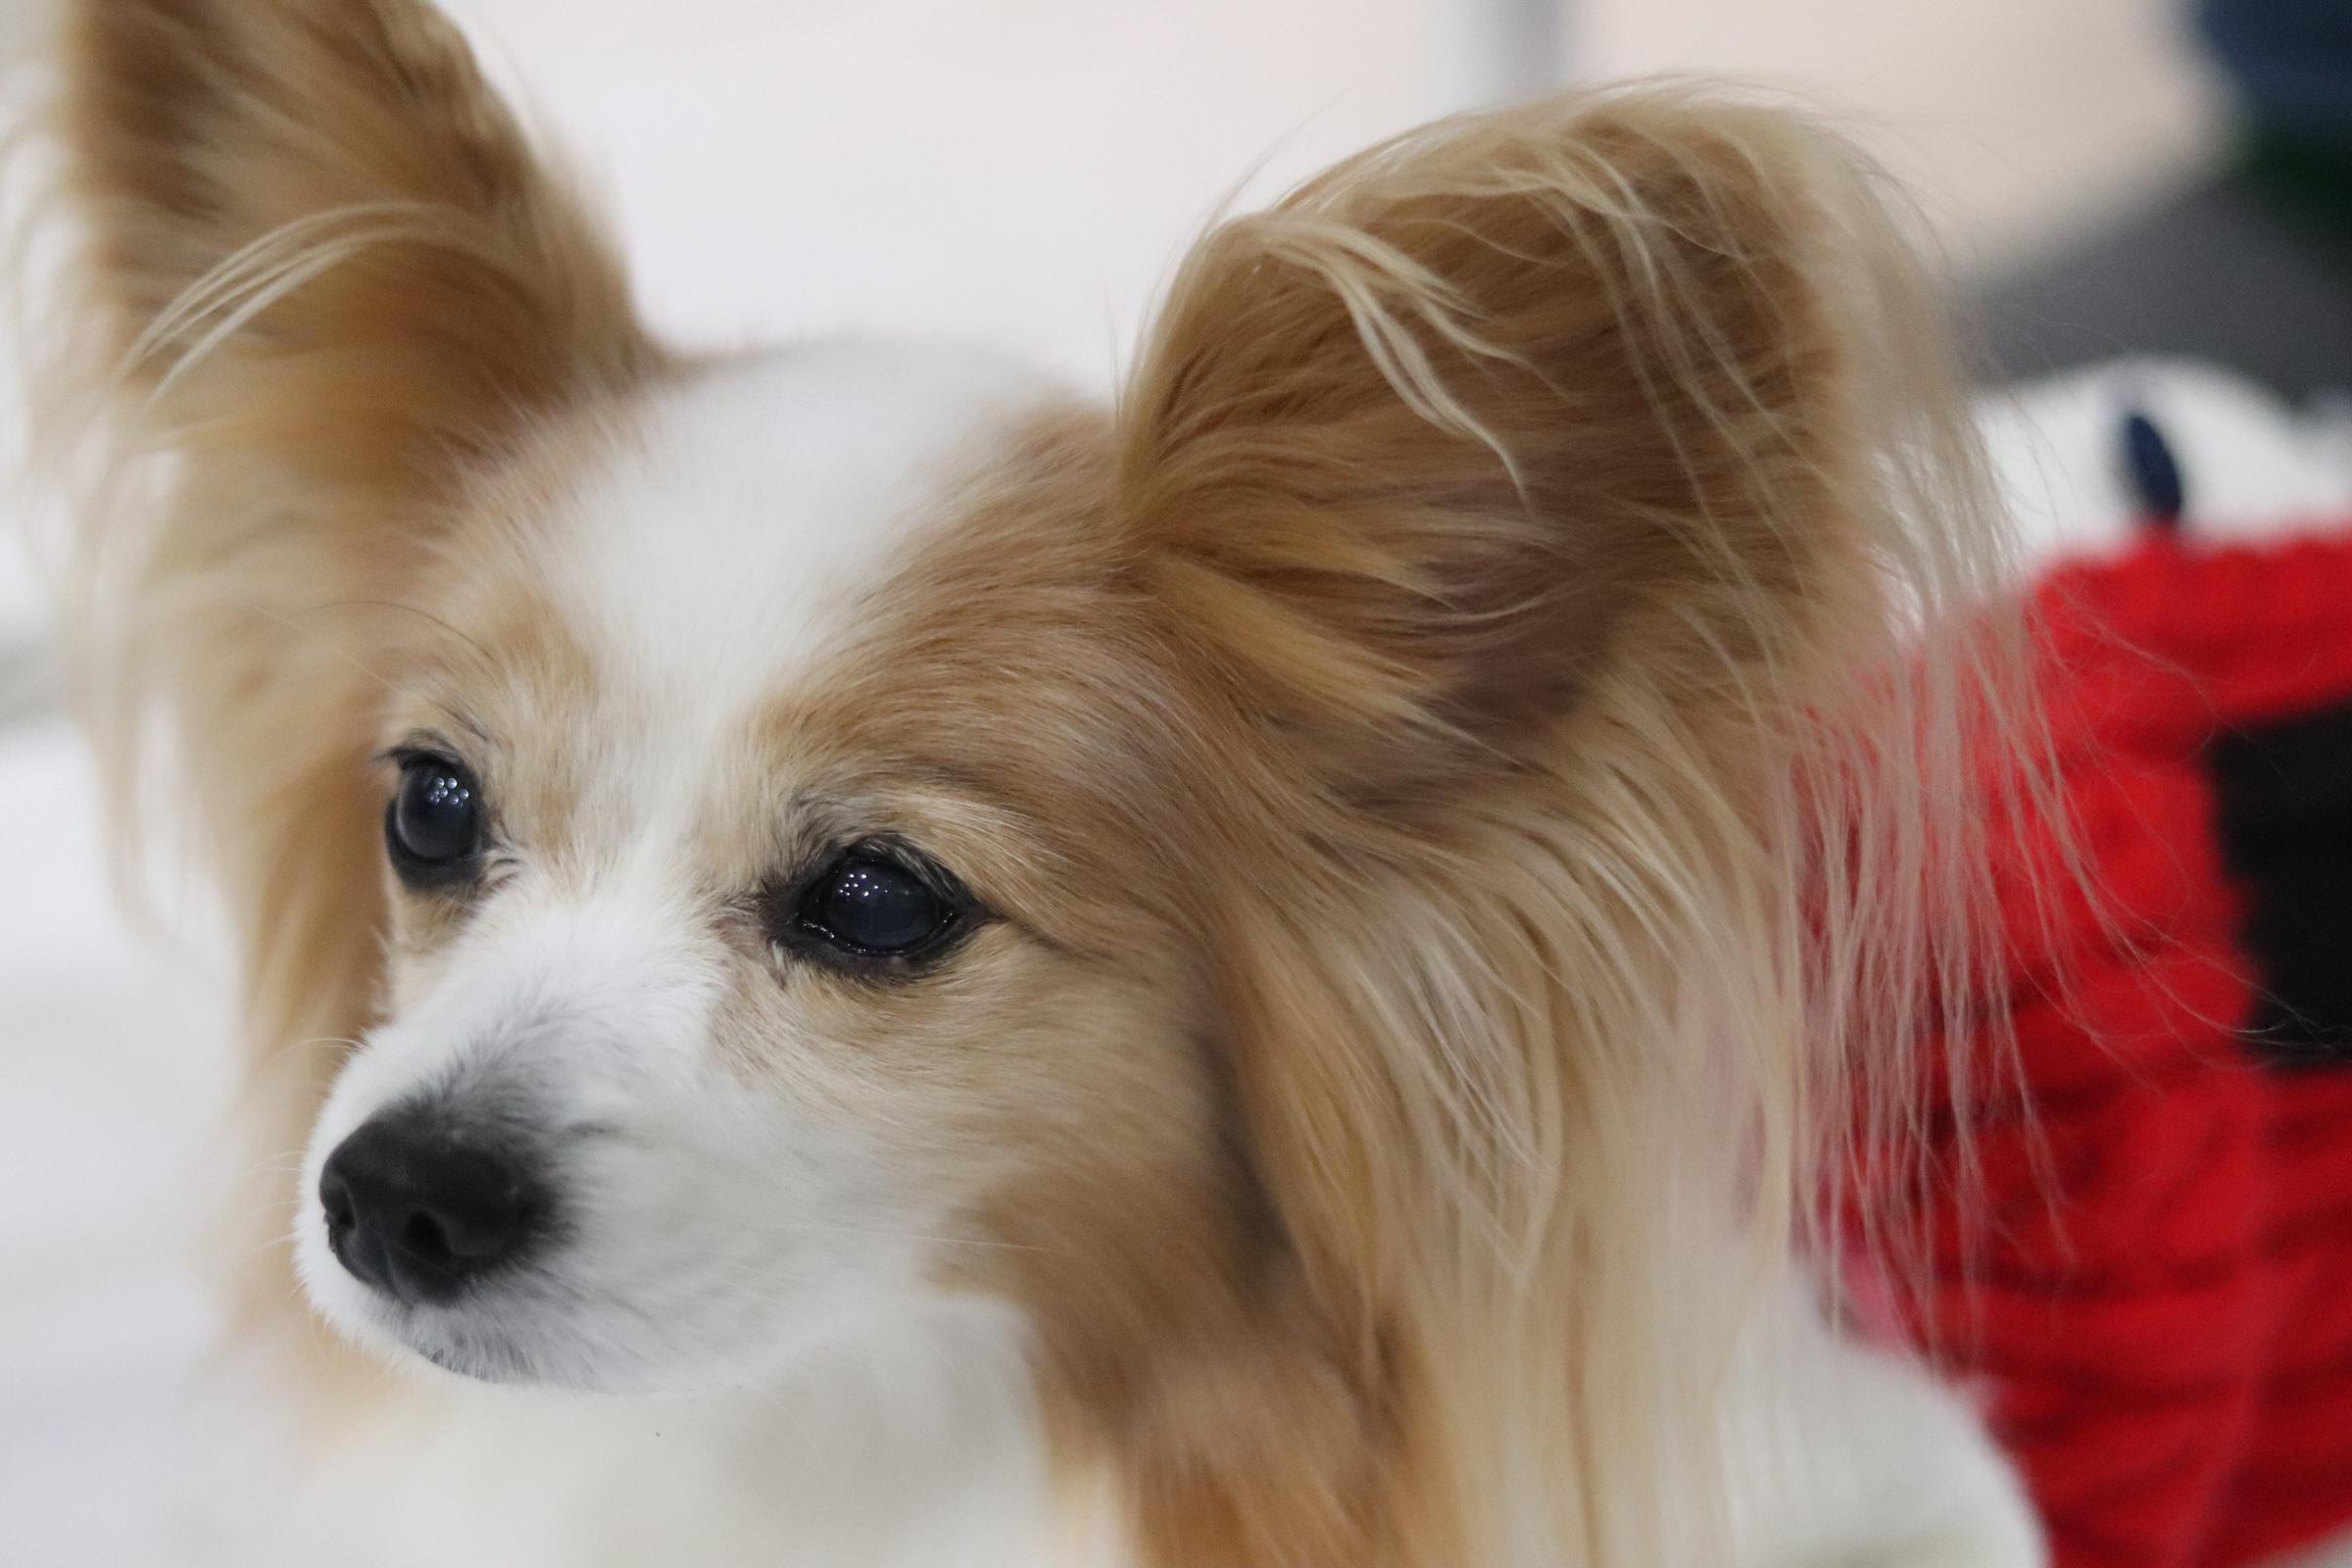 <ul> <li>犬種:パピヨン</li> <li>性別:女の子</li> <li>名前:ペコ</li> <li>年齢:2006.4生まれ</li> <li>保護経緯:飼い主の病気療養のため飼育困難になりました</li> </ul>